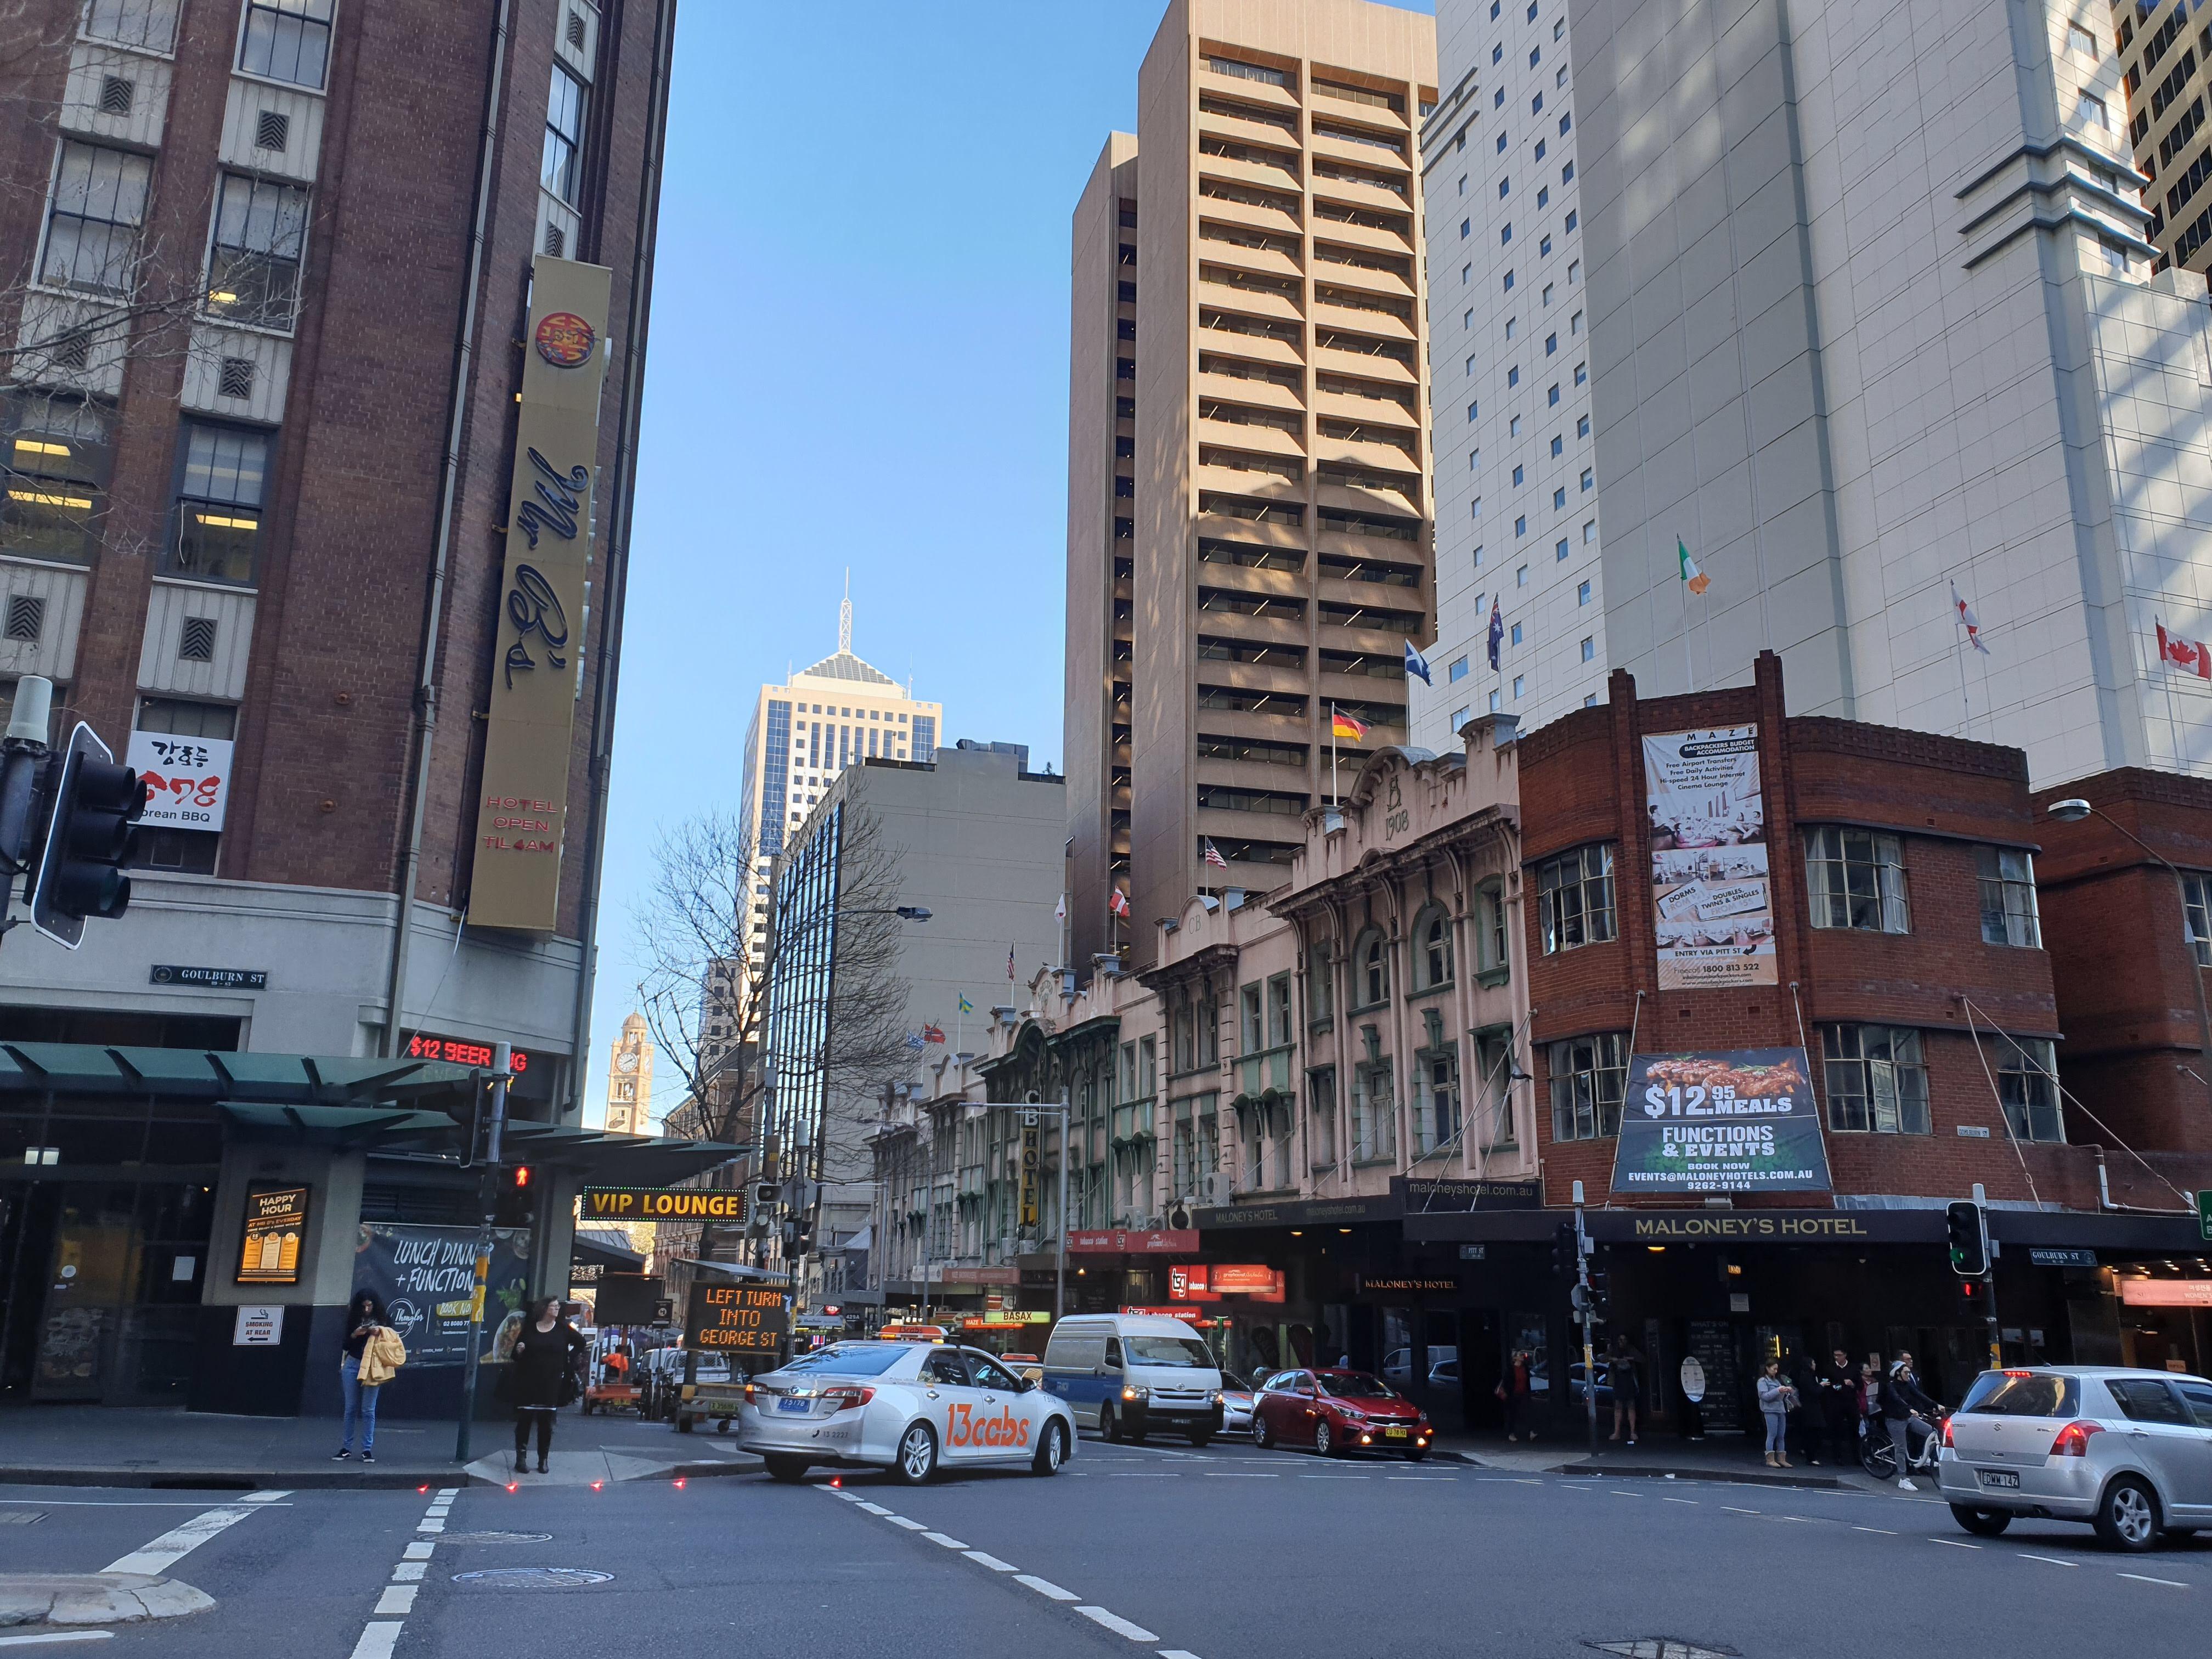 シドニーに来たら絶対に行っておきたい観光地10選